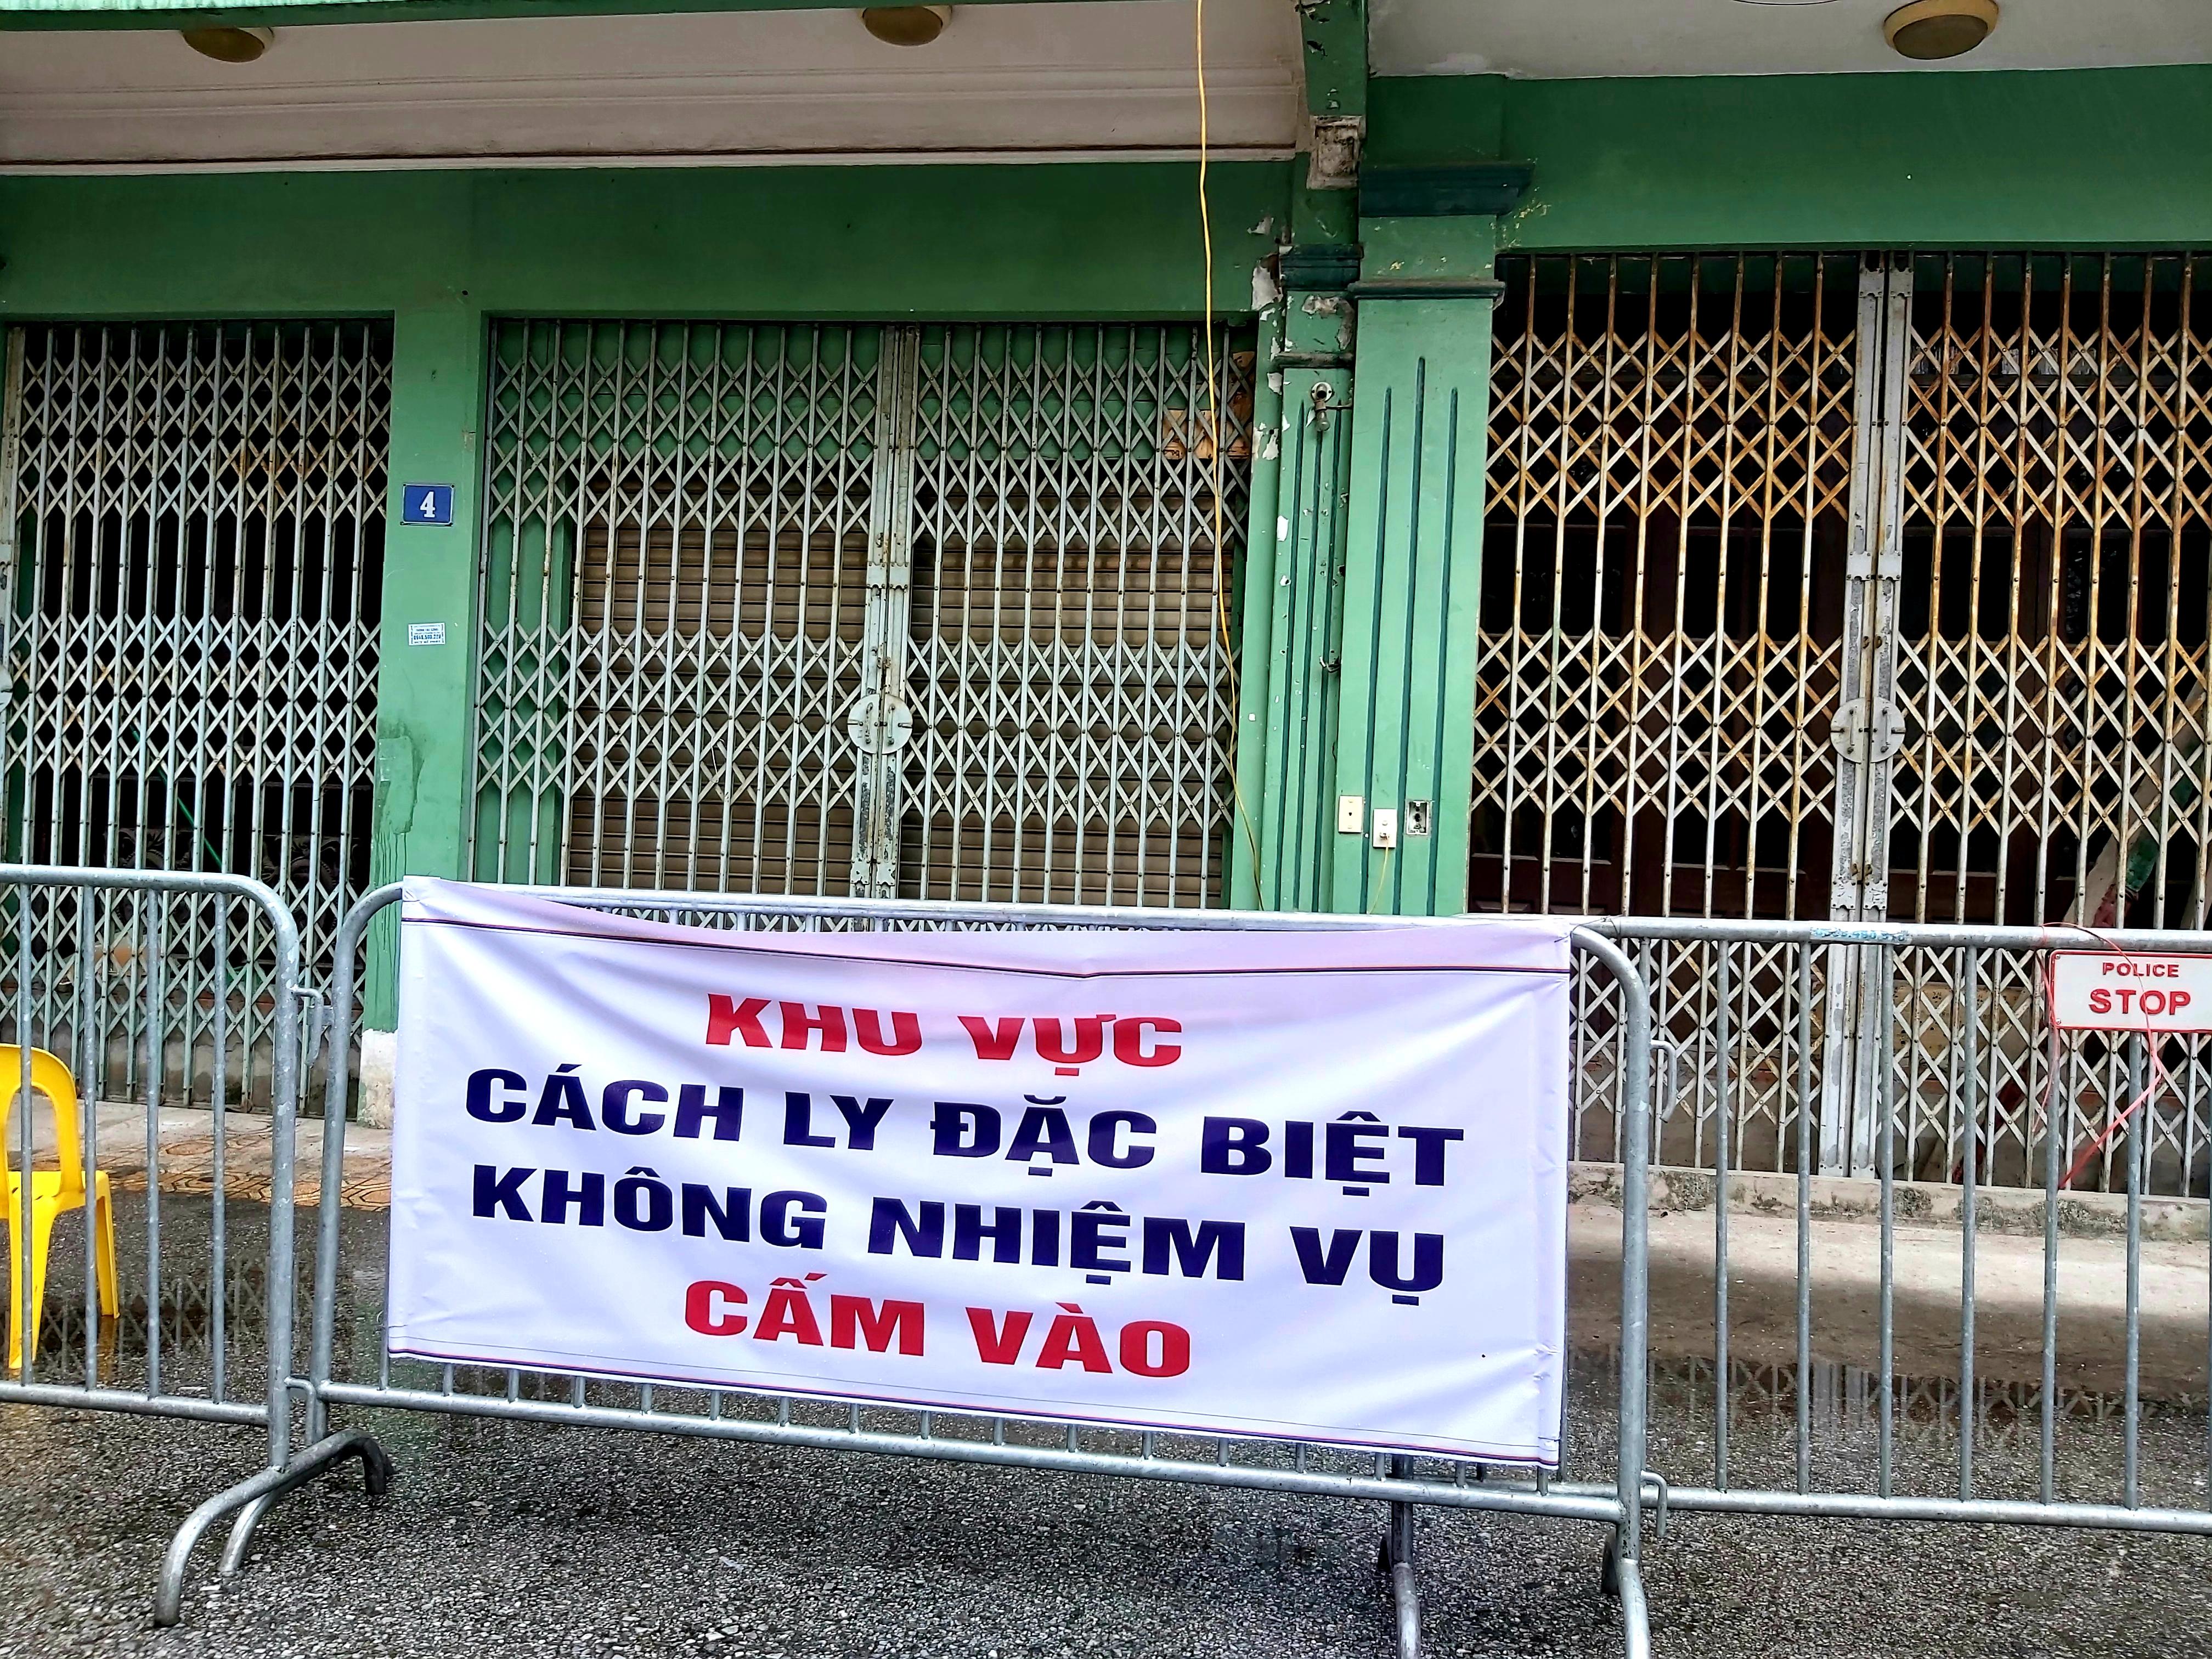 """Người dân sinh sống quanh khu vực cách ly tại đường Nguyễn Văn Cừ vẫn lạc quan: """"Chỉ cần giữ đúng nguyên tắc của Nhà nước thì không việc gì phải hoang mang, lo lắng"""" - Ảnh 3."""